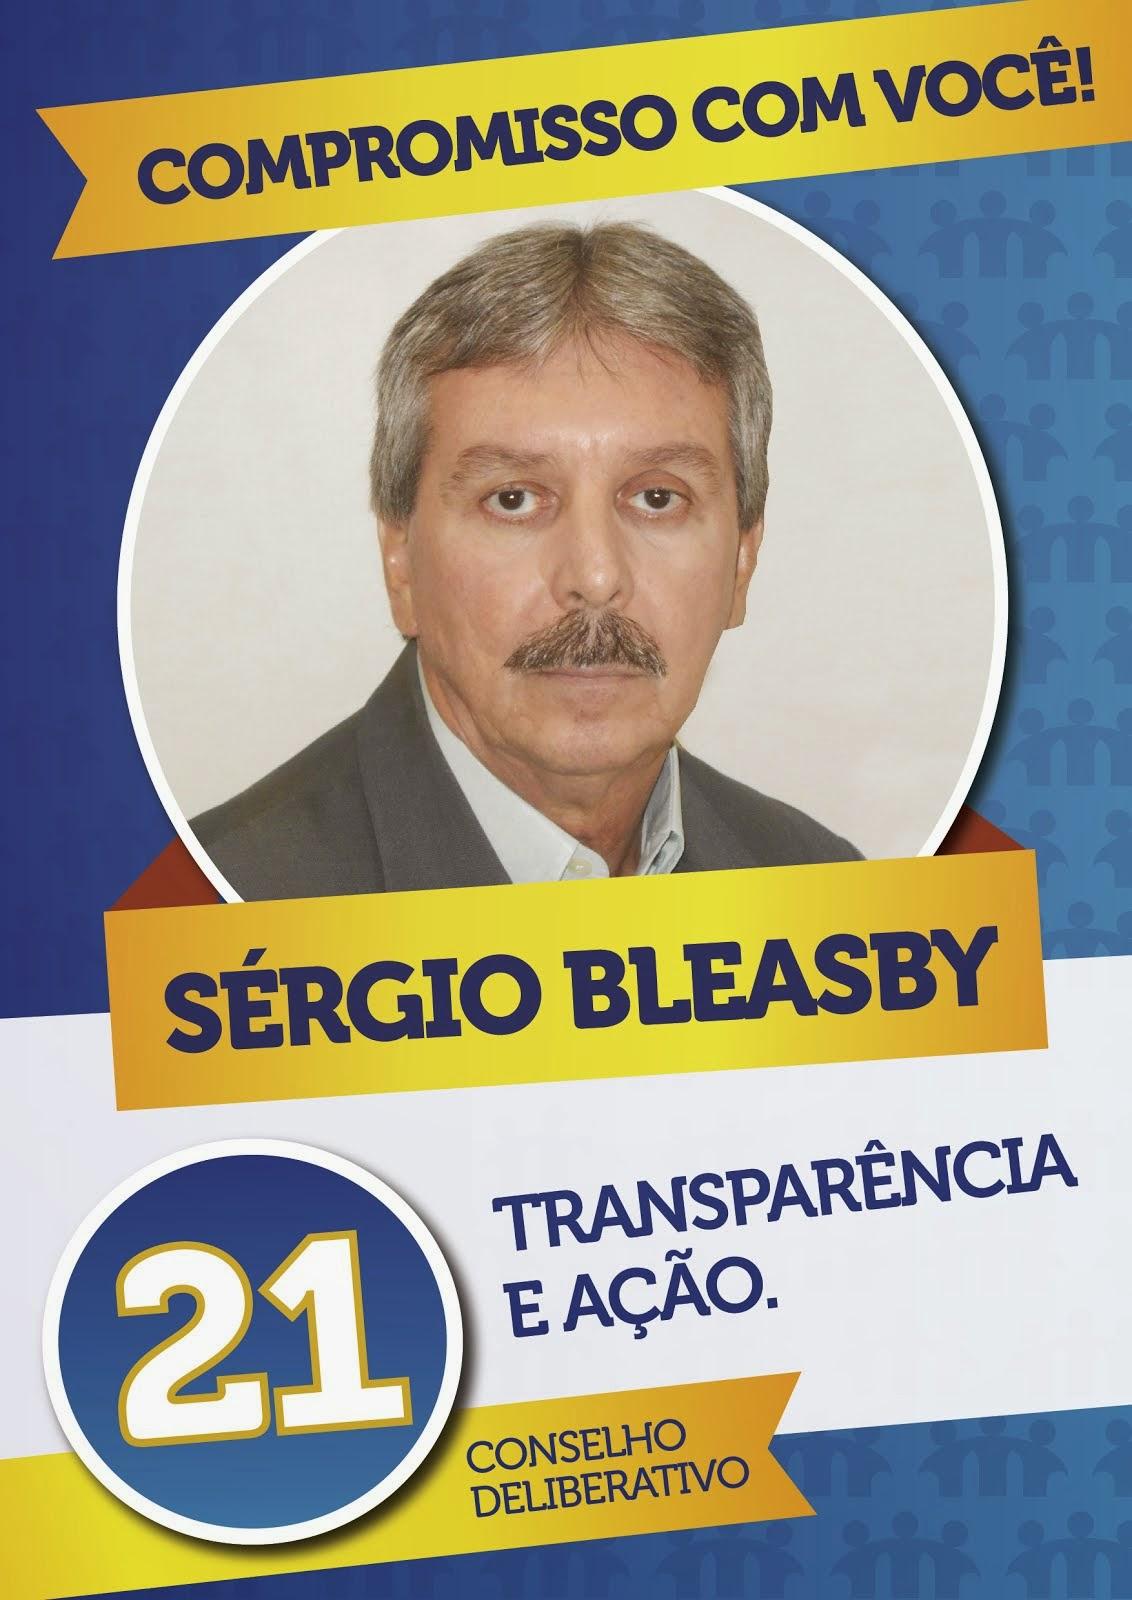 Sérgio Bleasby